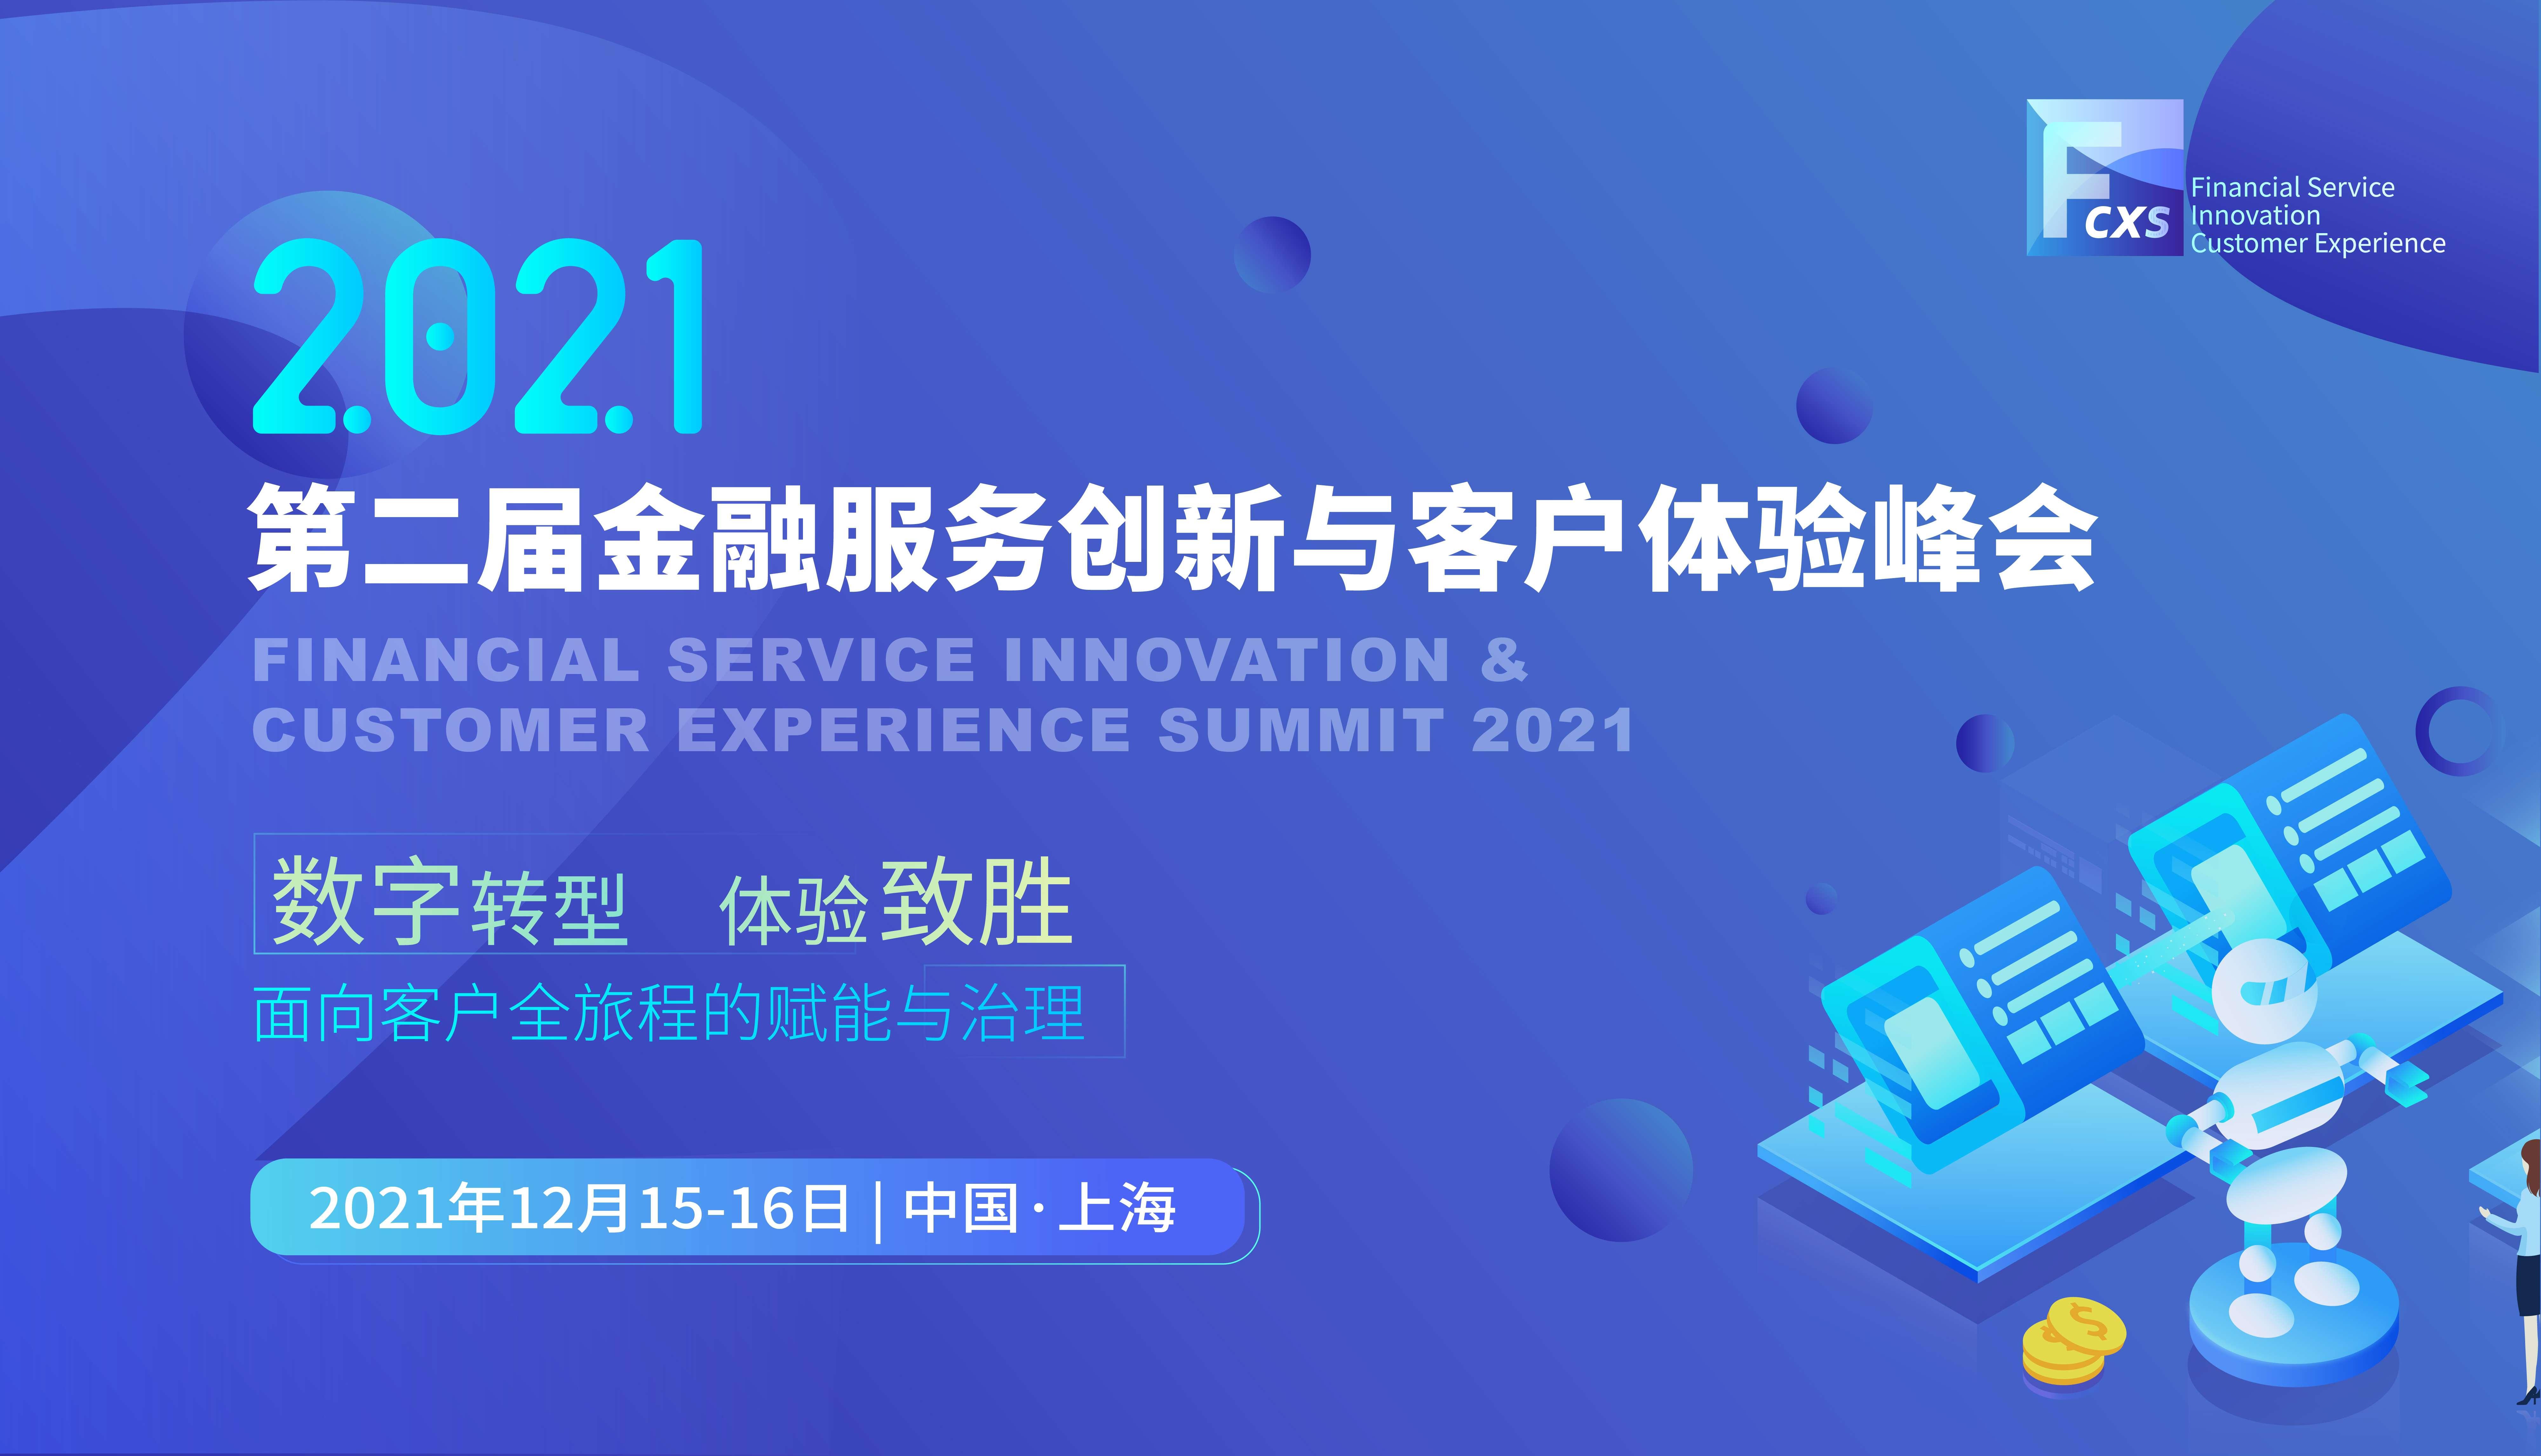 2021第二届金融服务创新与客户体验峰会